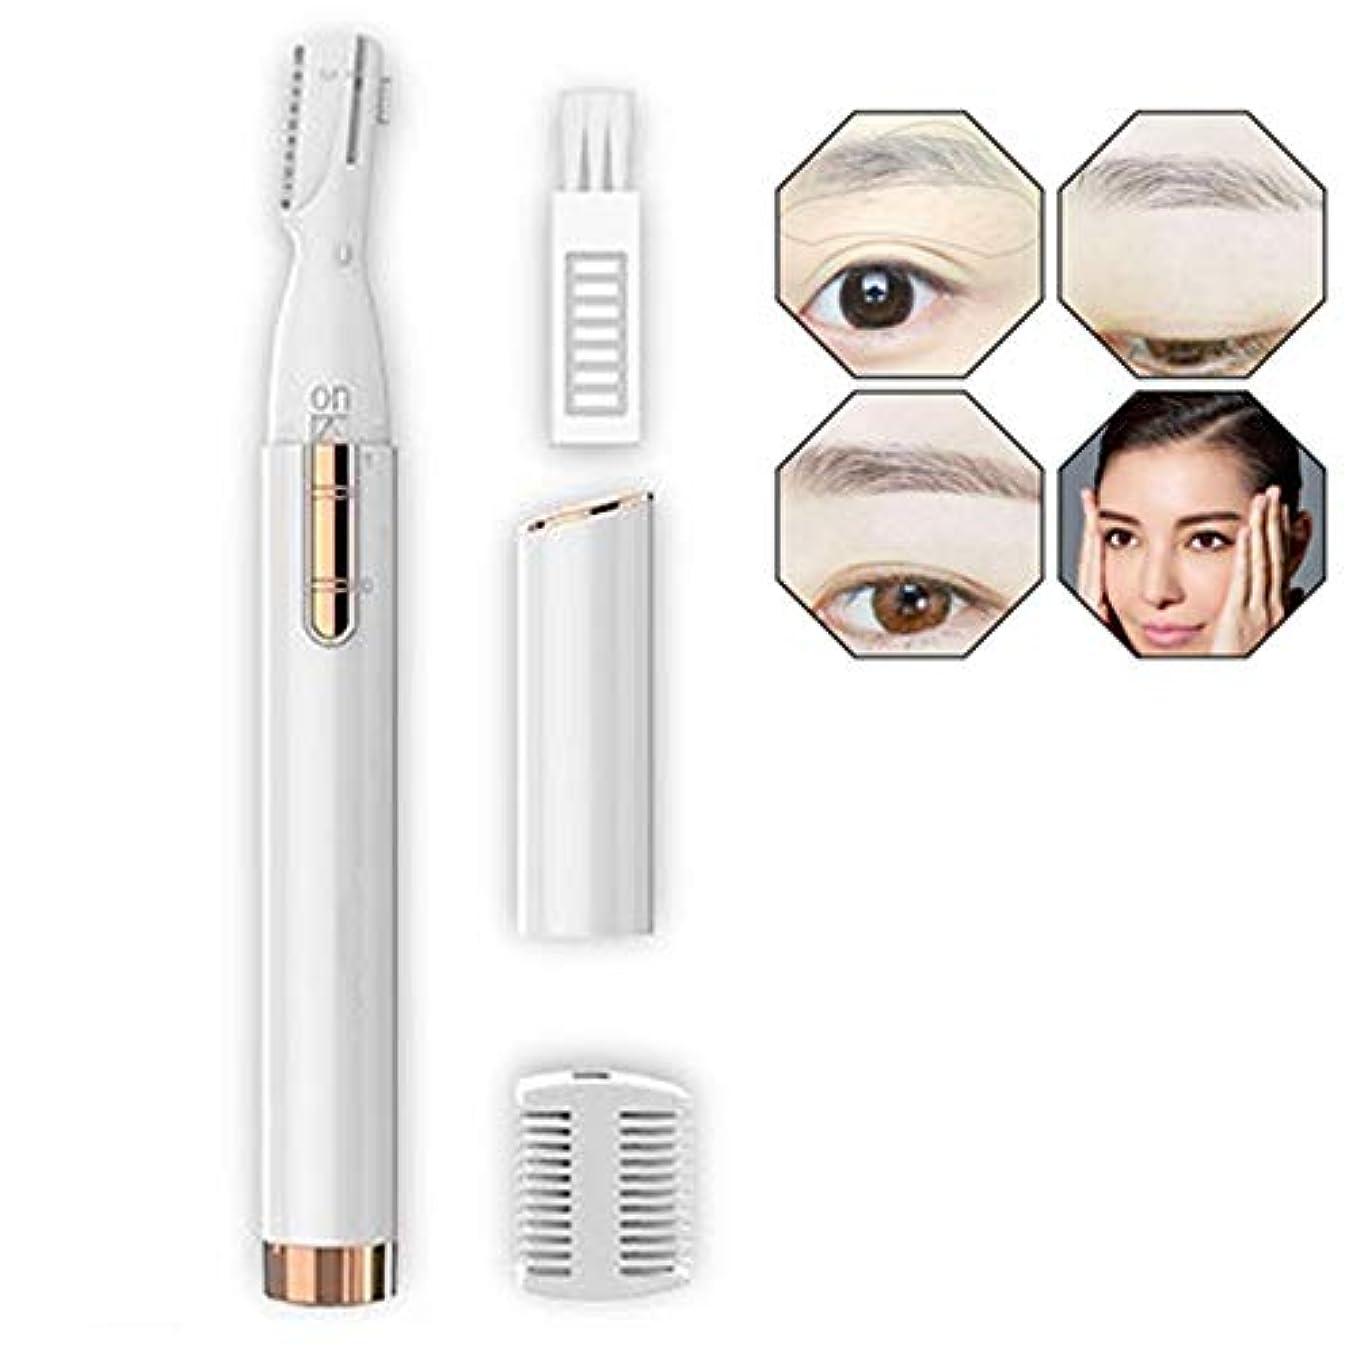 収縮つぶすロビー電動アイブロナイフ、ミニレディース自動眉毛ナイフシェービングヘア(赤、白),白